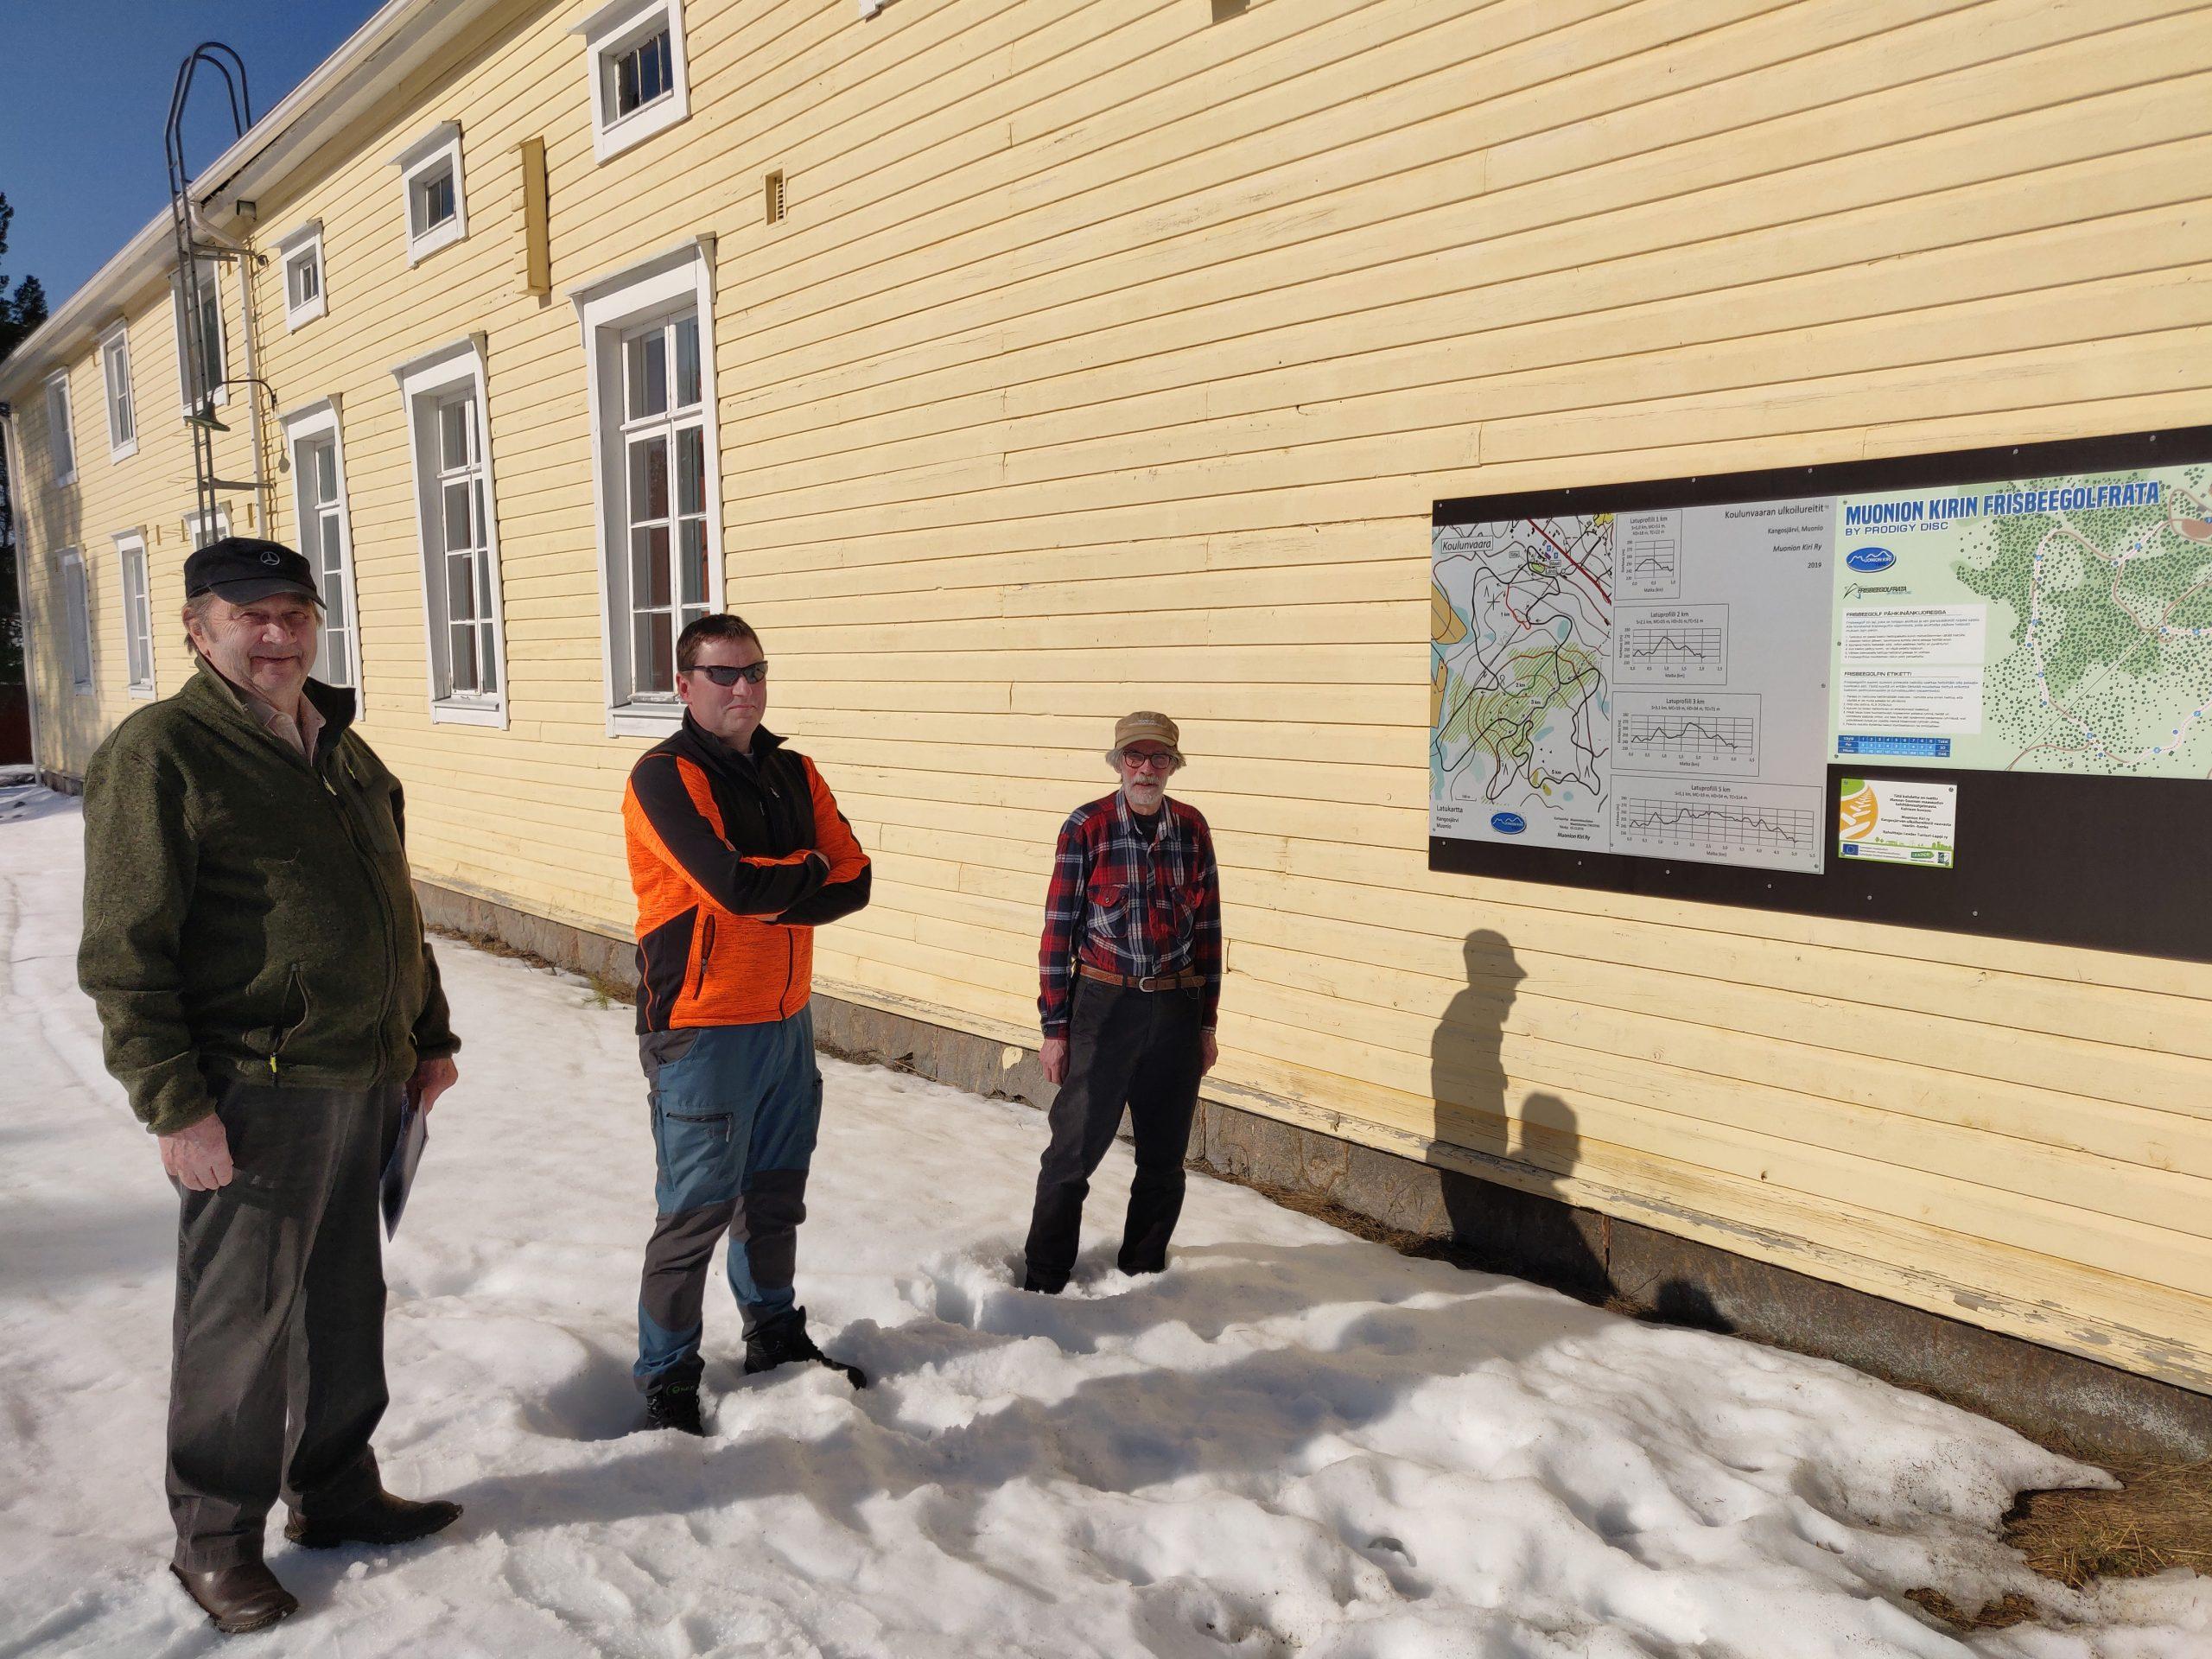 Kolme henkilöä kylätalon pihalla, taustalla frisbeegolf-radan kartta.